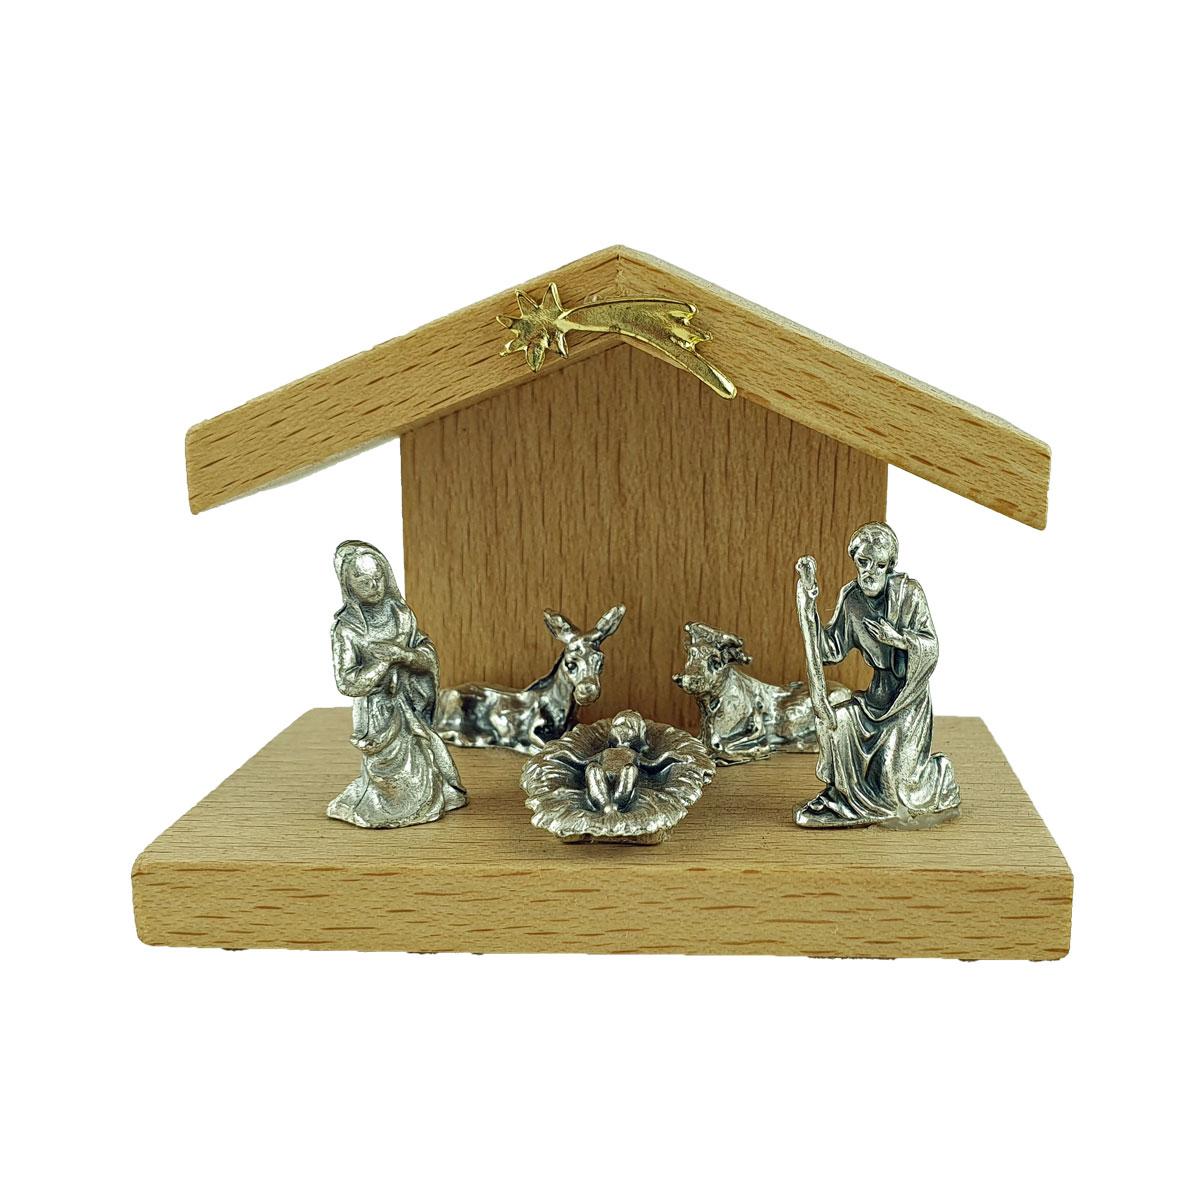 Mini Nativity Scene (CHR1-039)